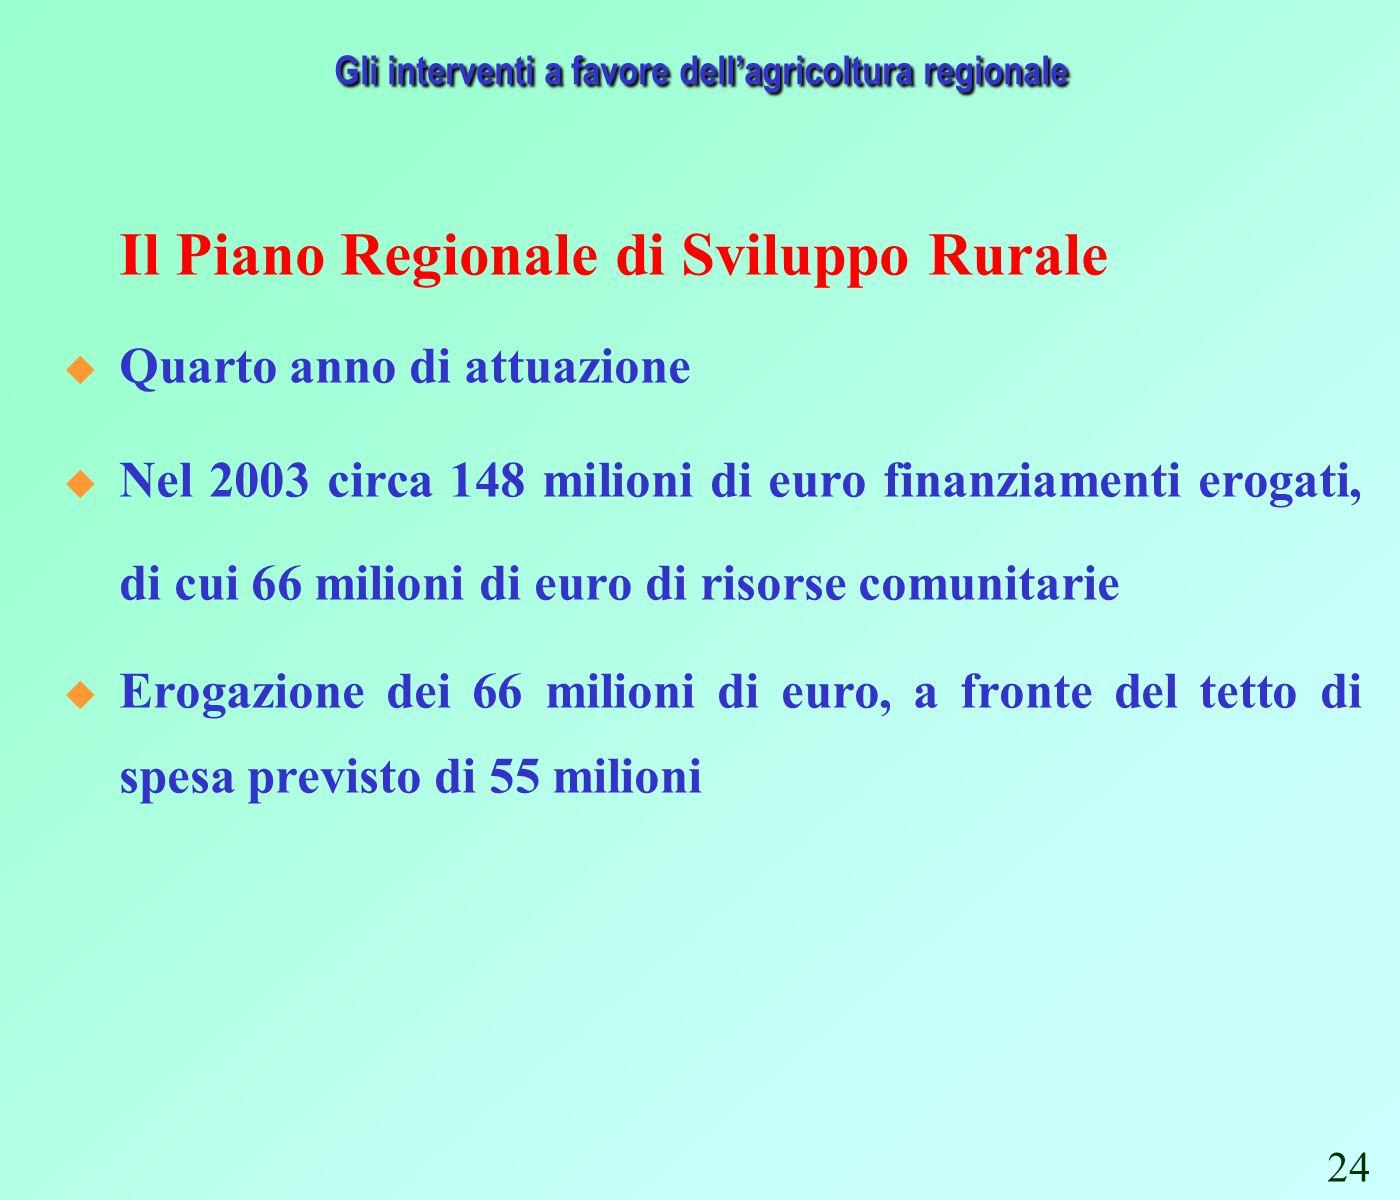 Il Piano Regionale di Sviluppo Rurale Quarto anno di attuazione Nel 2003 circa 148 milioni di euro finanziamenti erogati, di cui 66 milioni di euro di risorse comunitarie Erogazione dei 66 milioni di euro, a fronte del tetto di spesa previsto di 55 milioni Gli interventi a favore dellagricoltura regionale 24